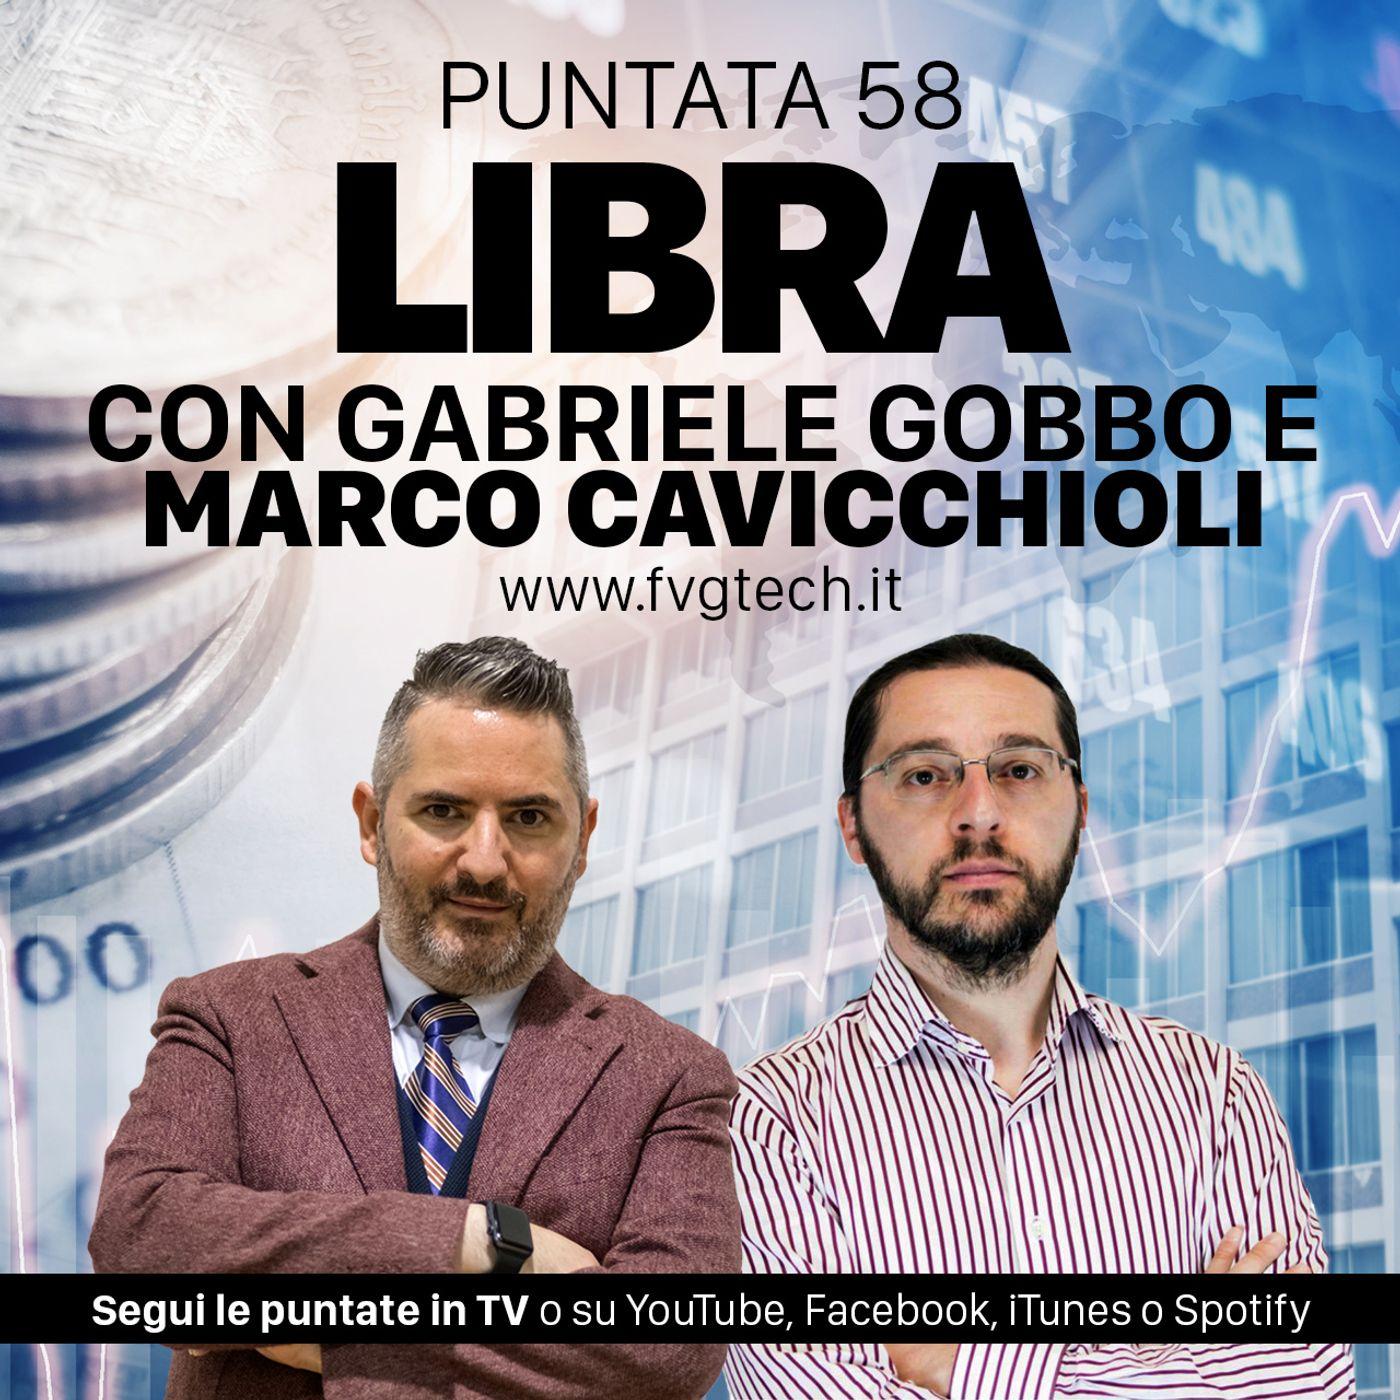 58 - Libra, la moneta di Facebook. Ospite Marco Cavicchioli